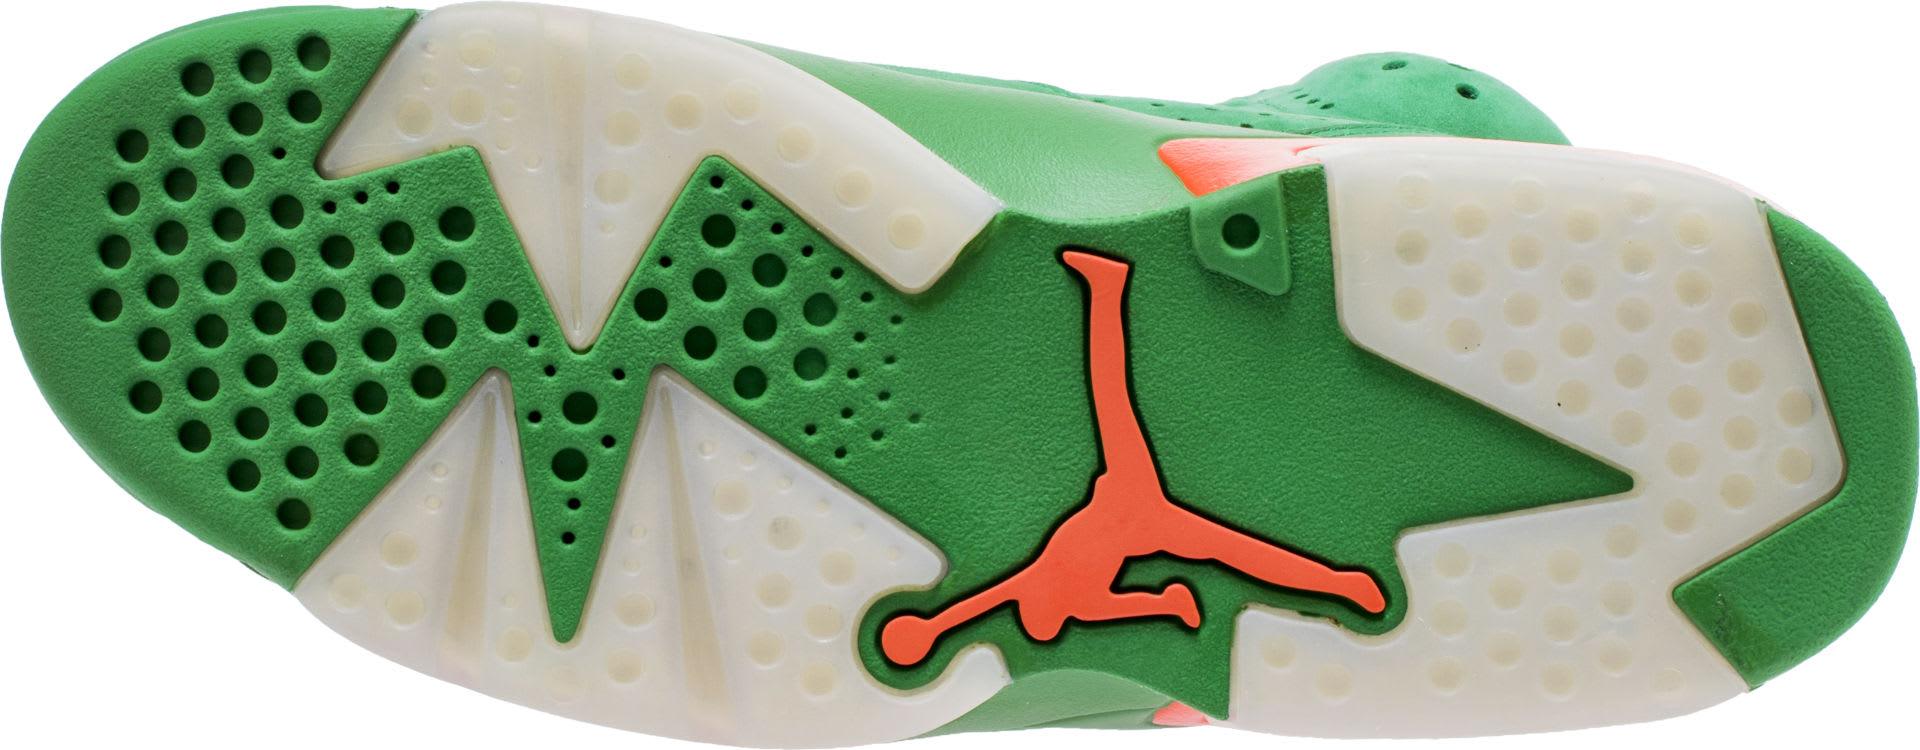 Air Jordan 6 VI Gatorade Green Release Date AJ5986-335 Sole